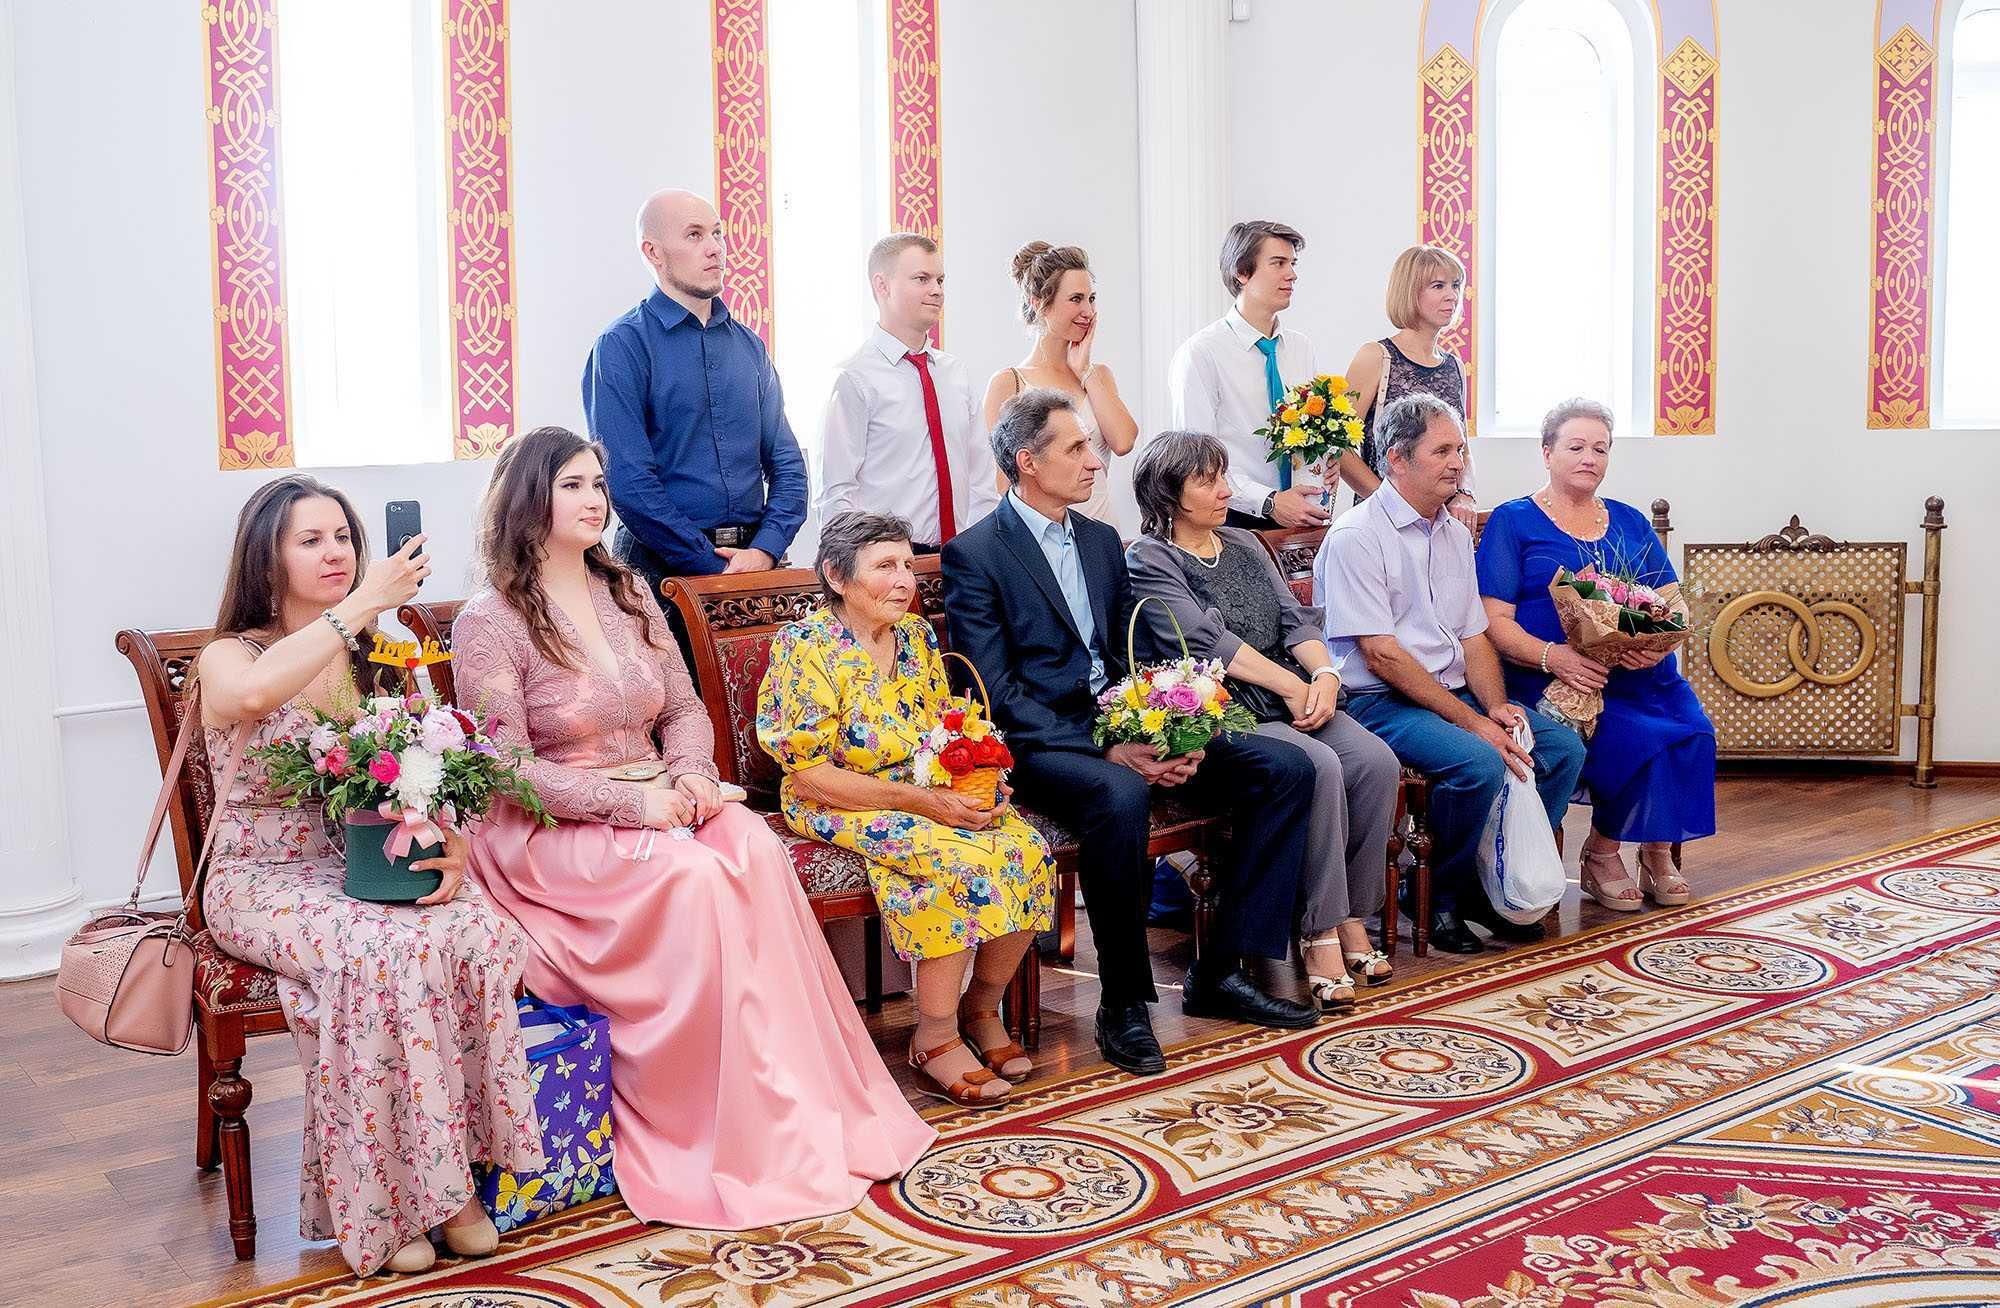 Дворец в измайловско кремле загс гости как сидят